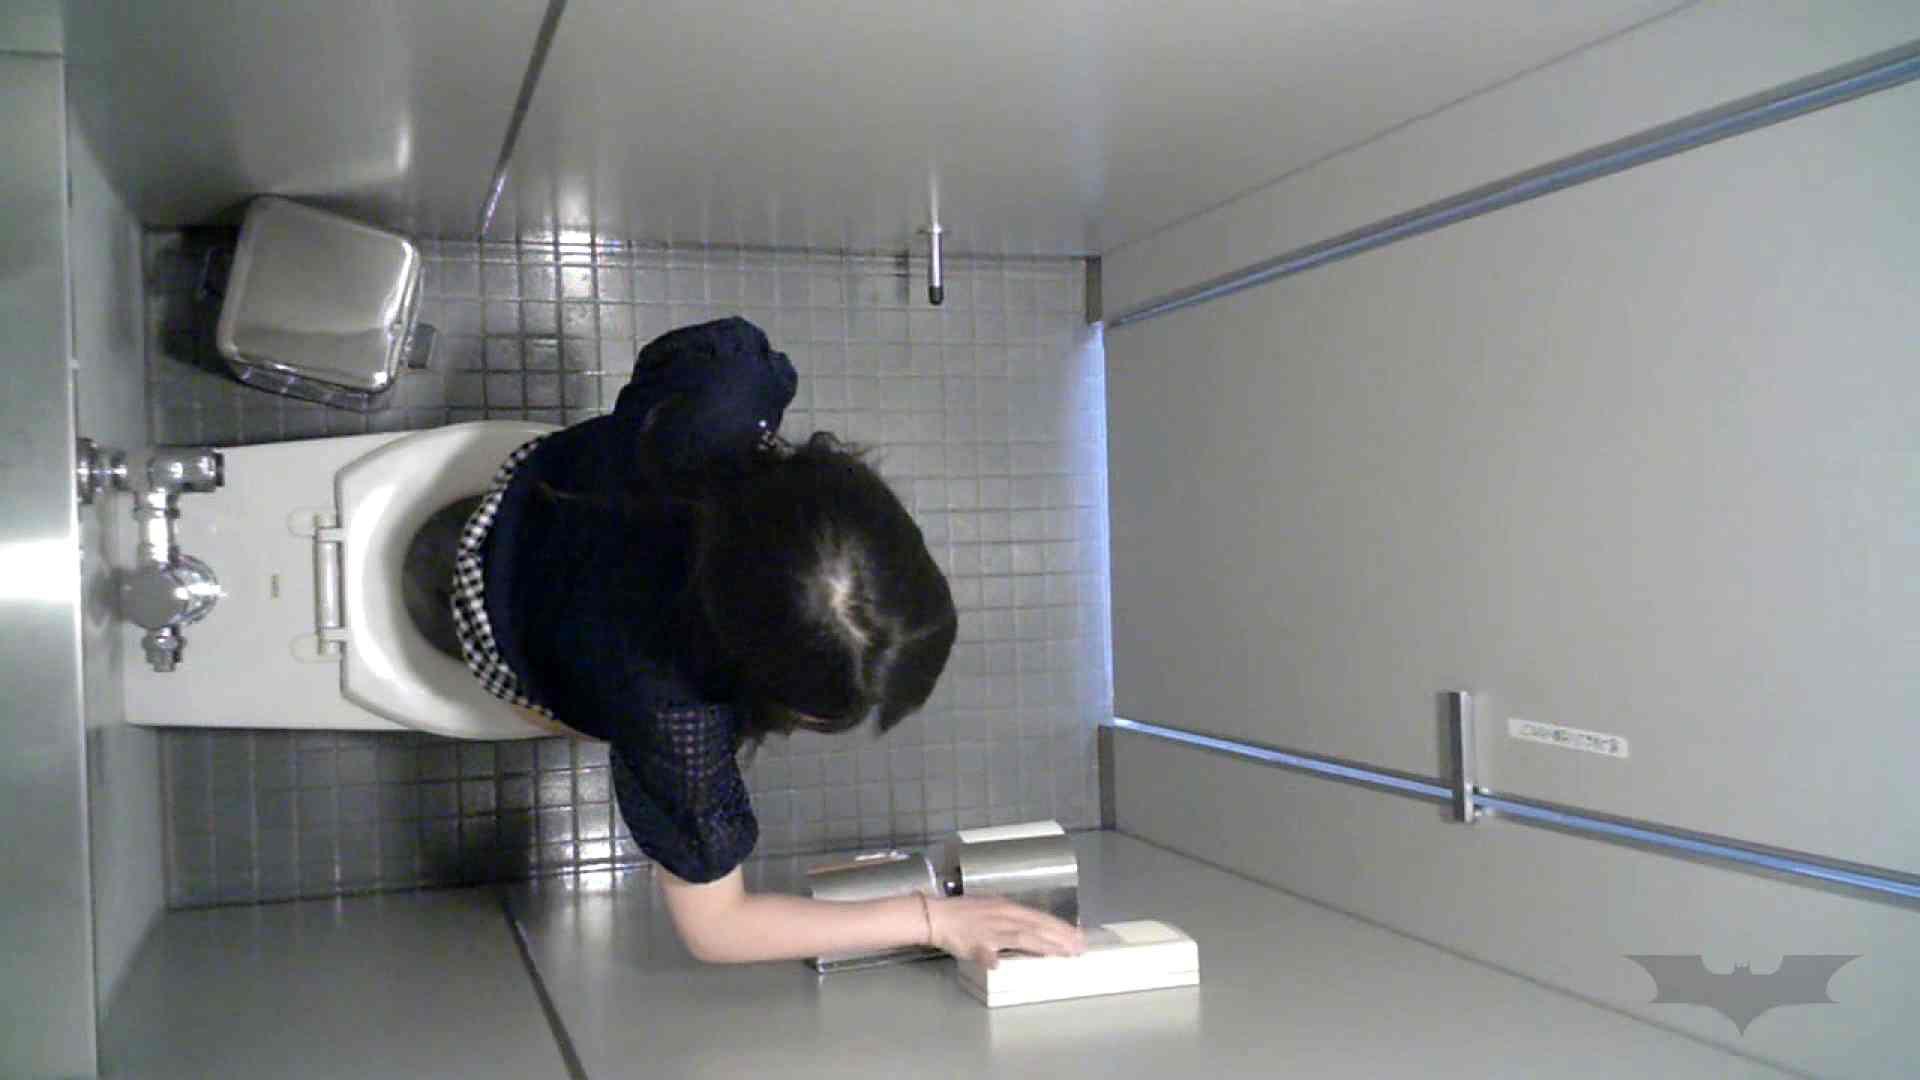 有名大学女性洗面所 vol.36 すっごい「ほじって」ます。 潜入 AV無料動画キャプチャ 78枚 69